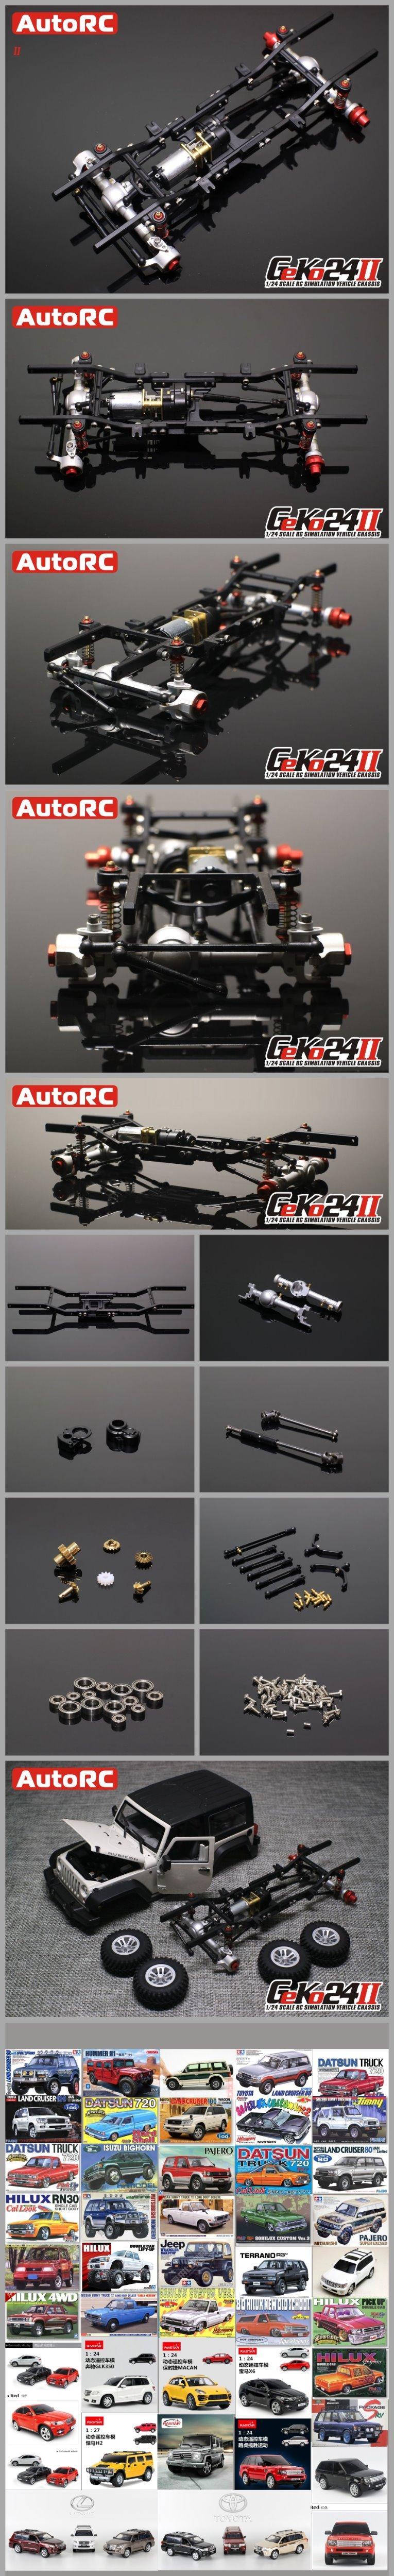 Compre Autorc 1/24 Gk24 V2 Simulación De Metal Completo Marco De ...